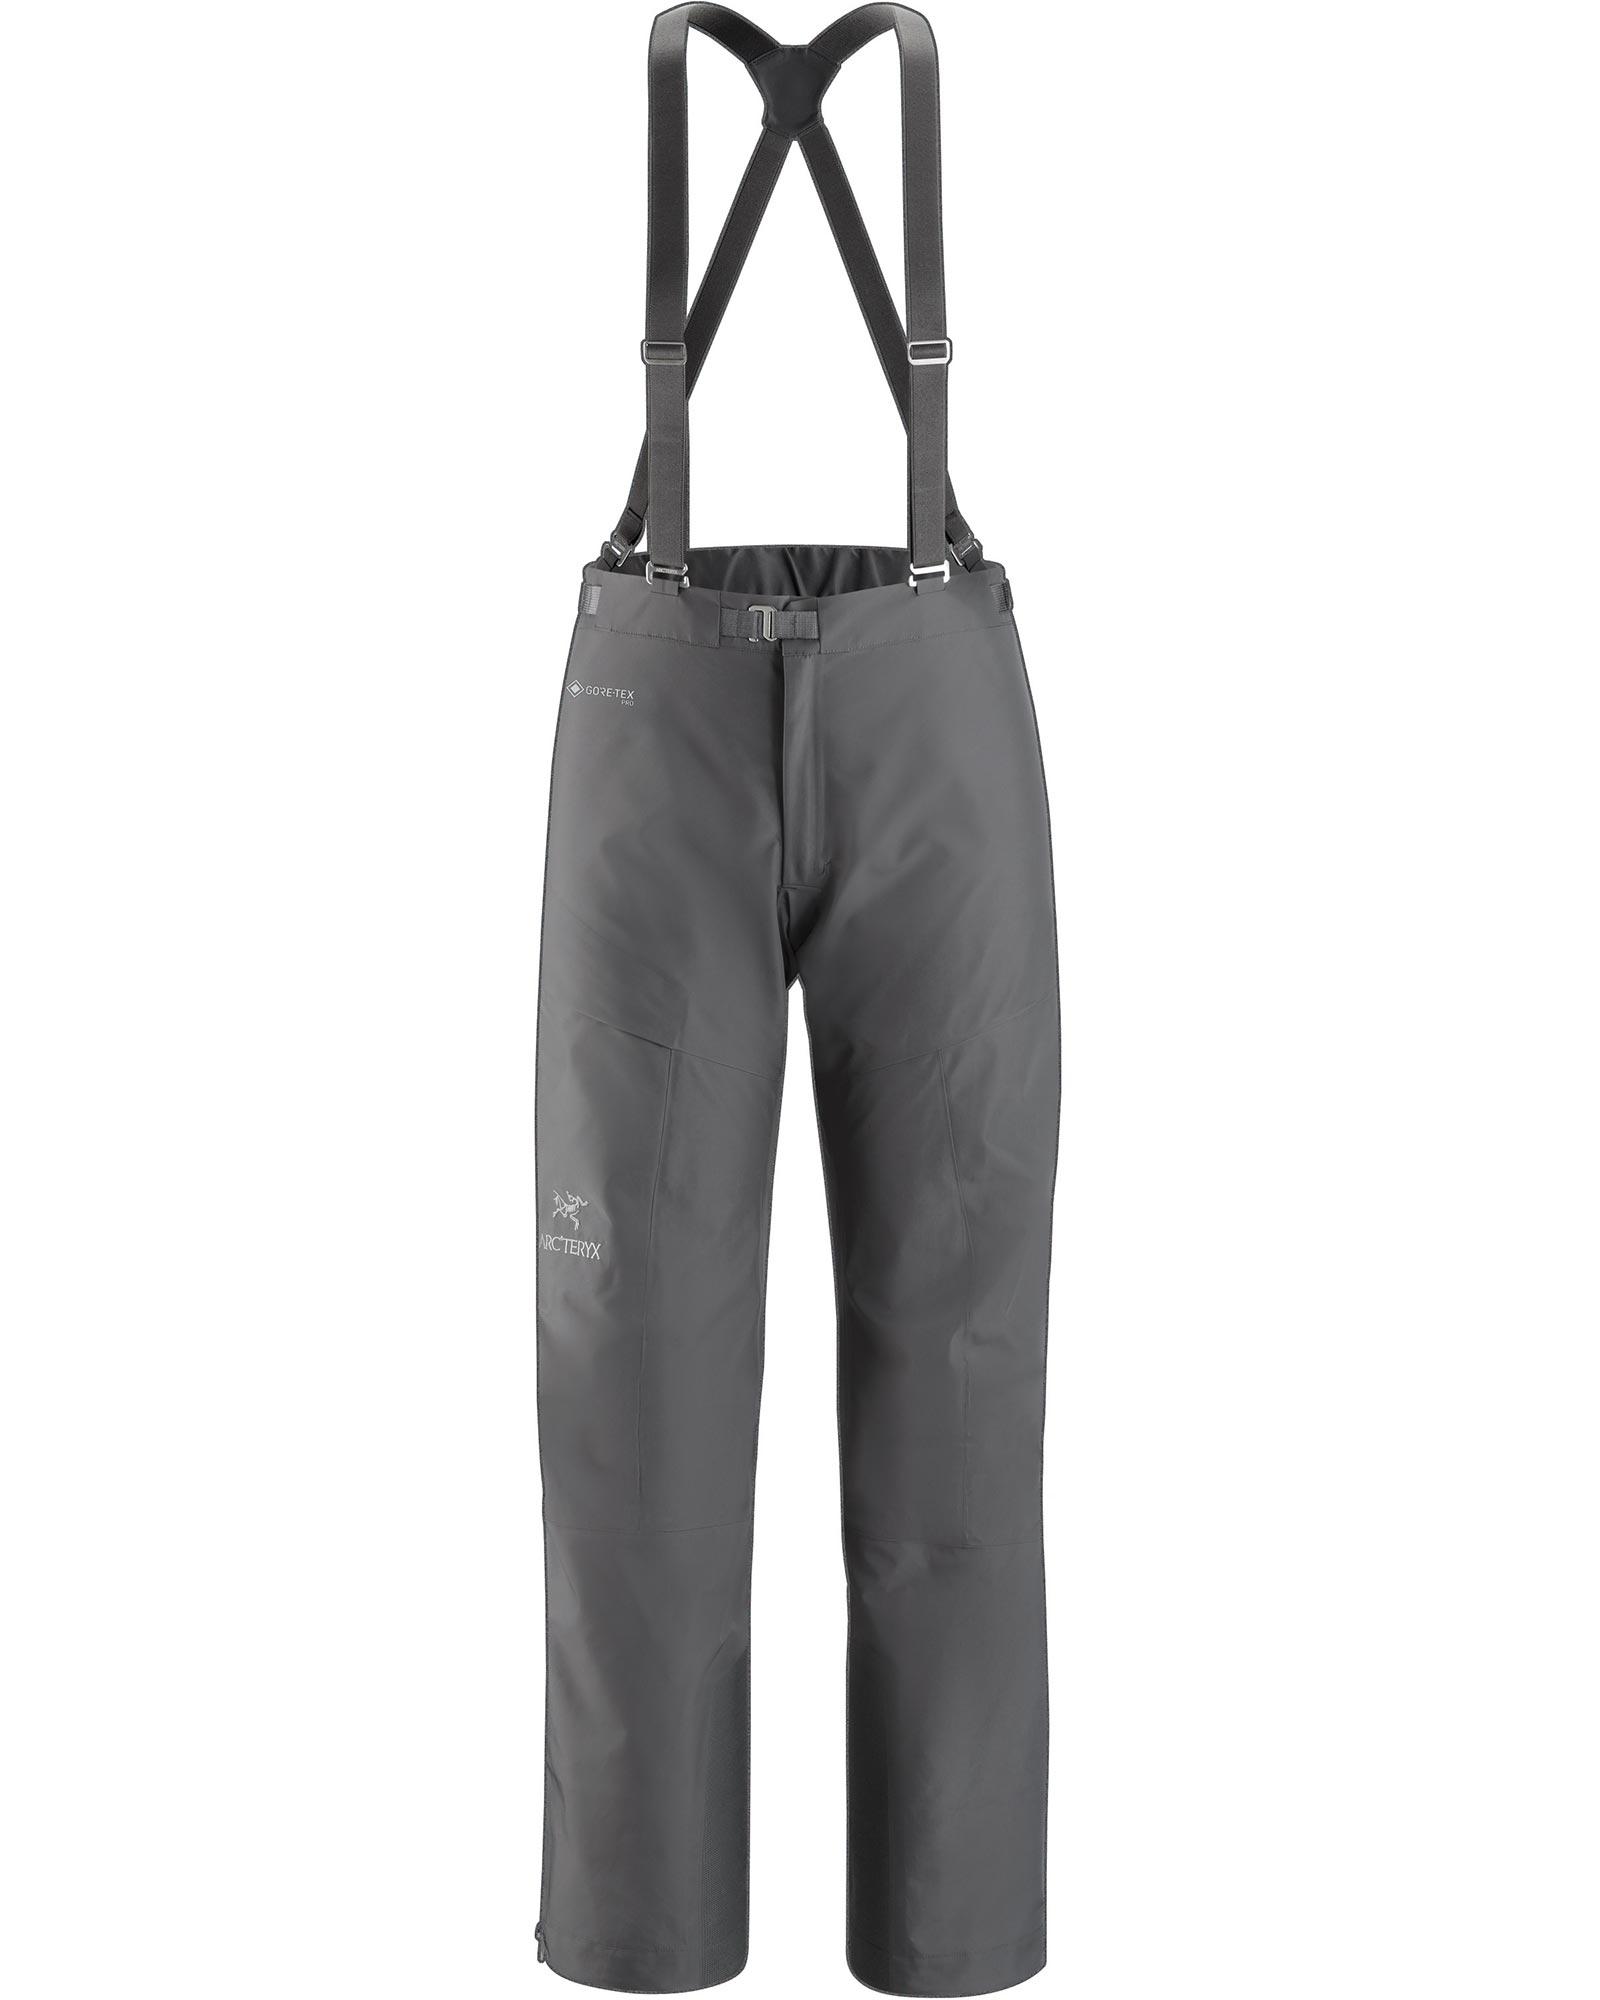 Arc'teryx Women's Alpha AR GORE-TEX Pro Pants 0